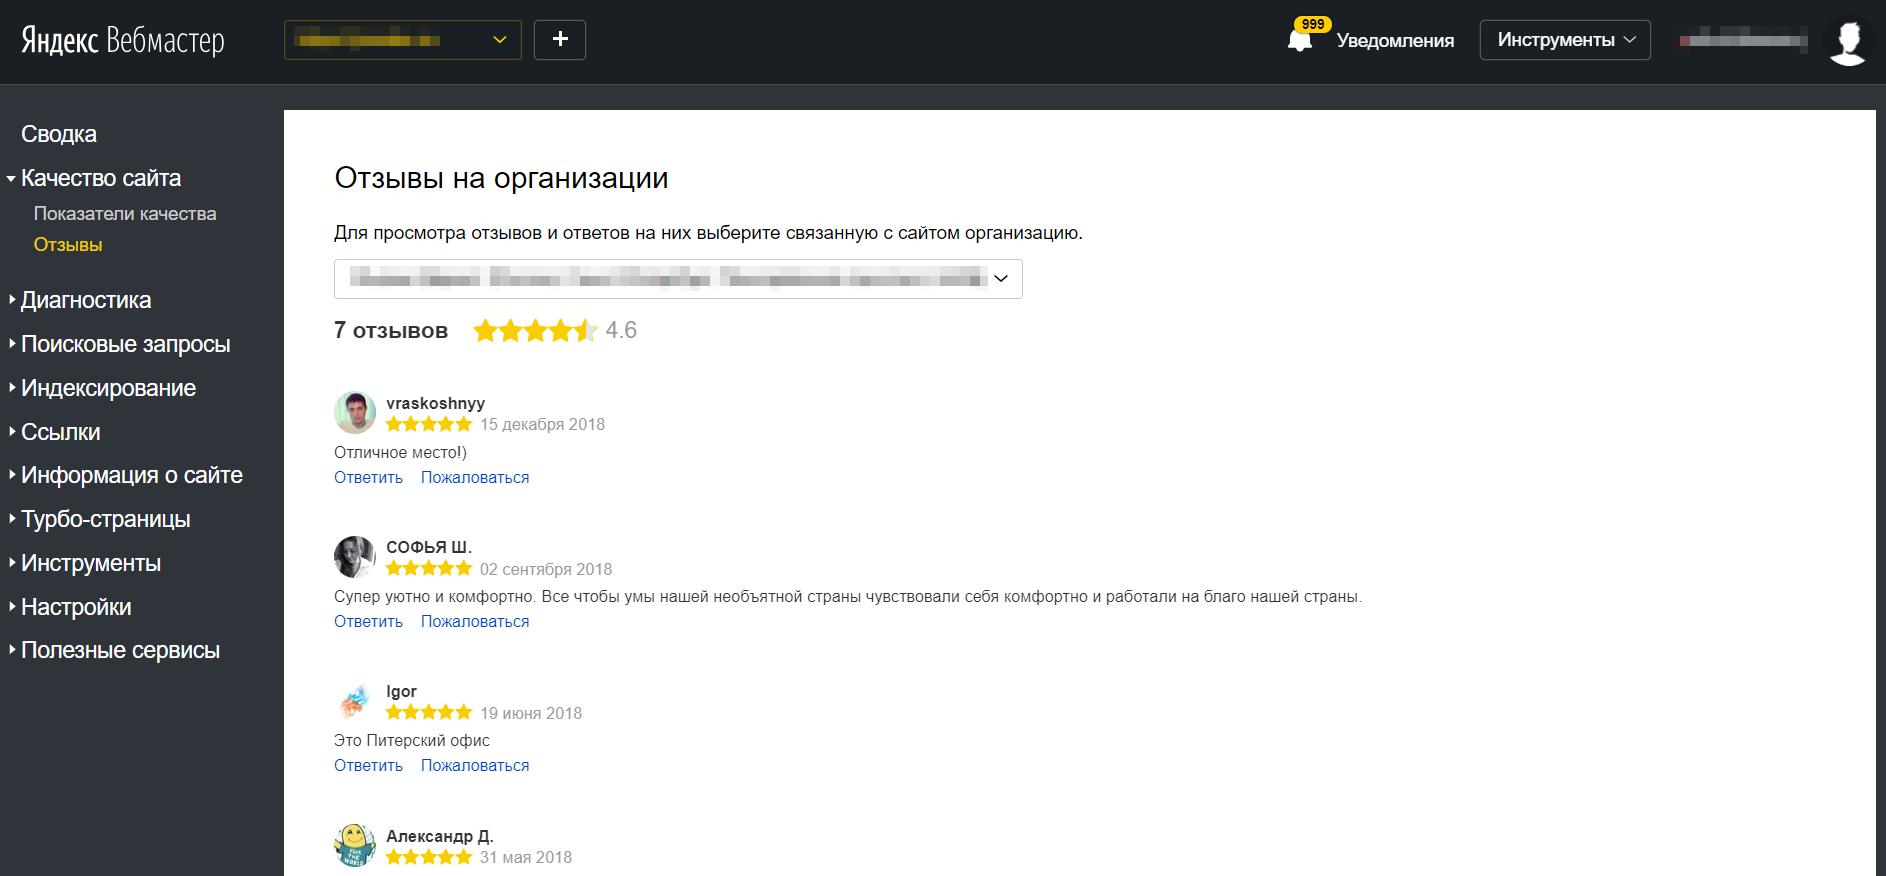 Яндекс позволил следить за отзывами прямо из Вебмастера